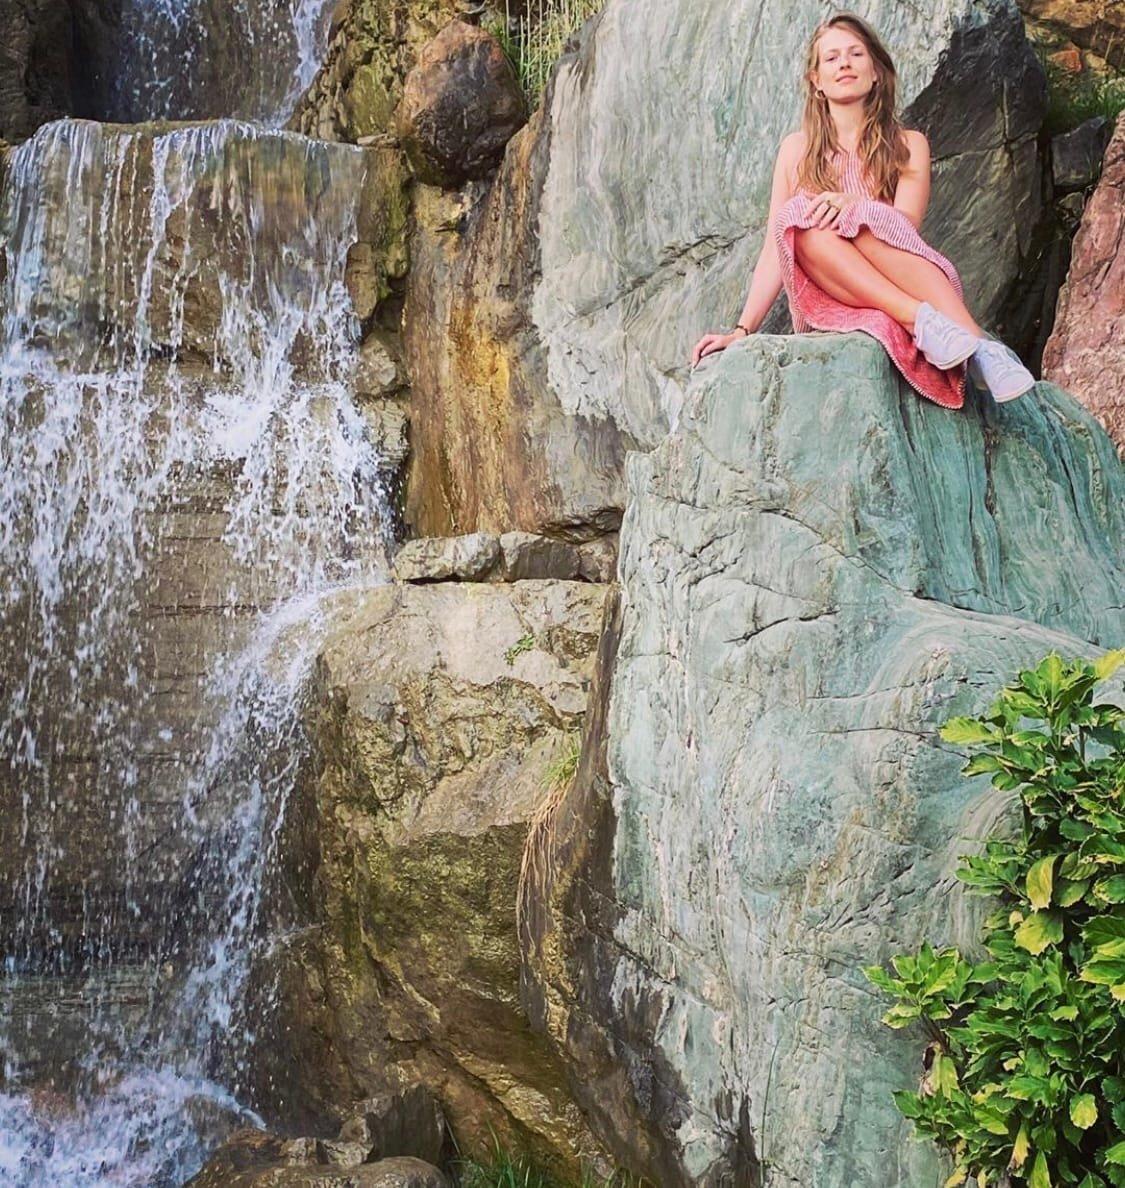 Софья Эрнст пытается сбросить вес после родов